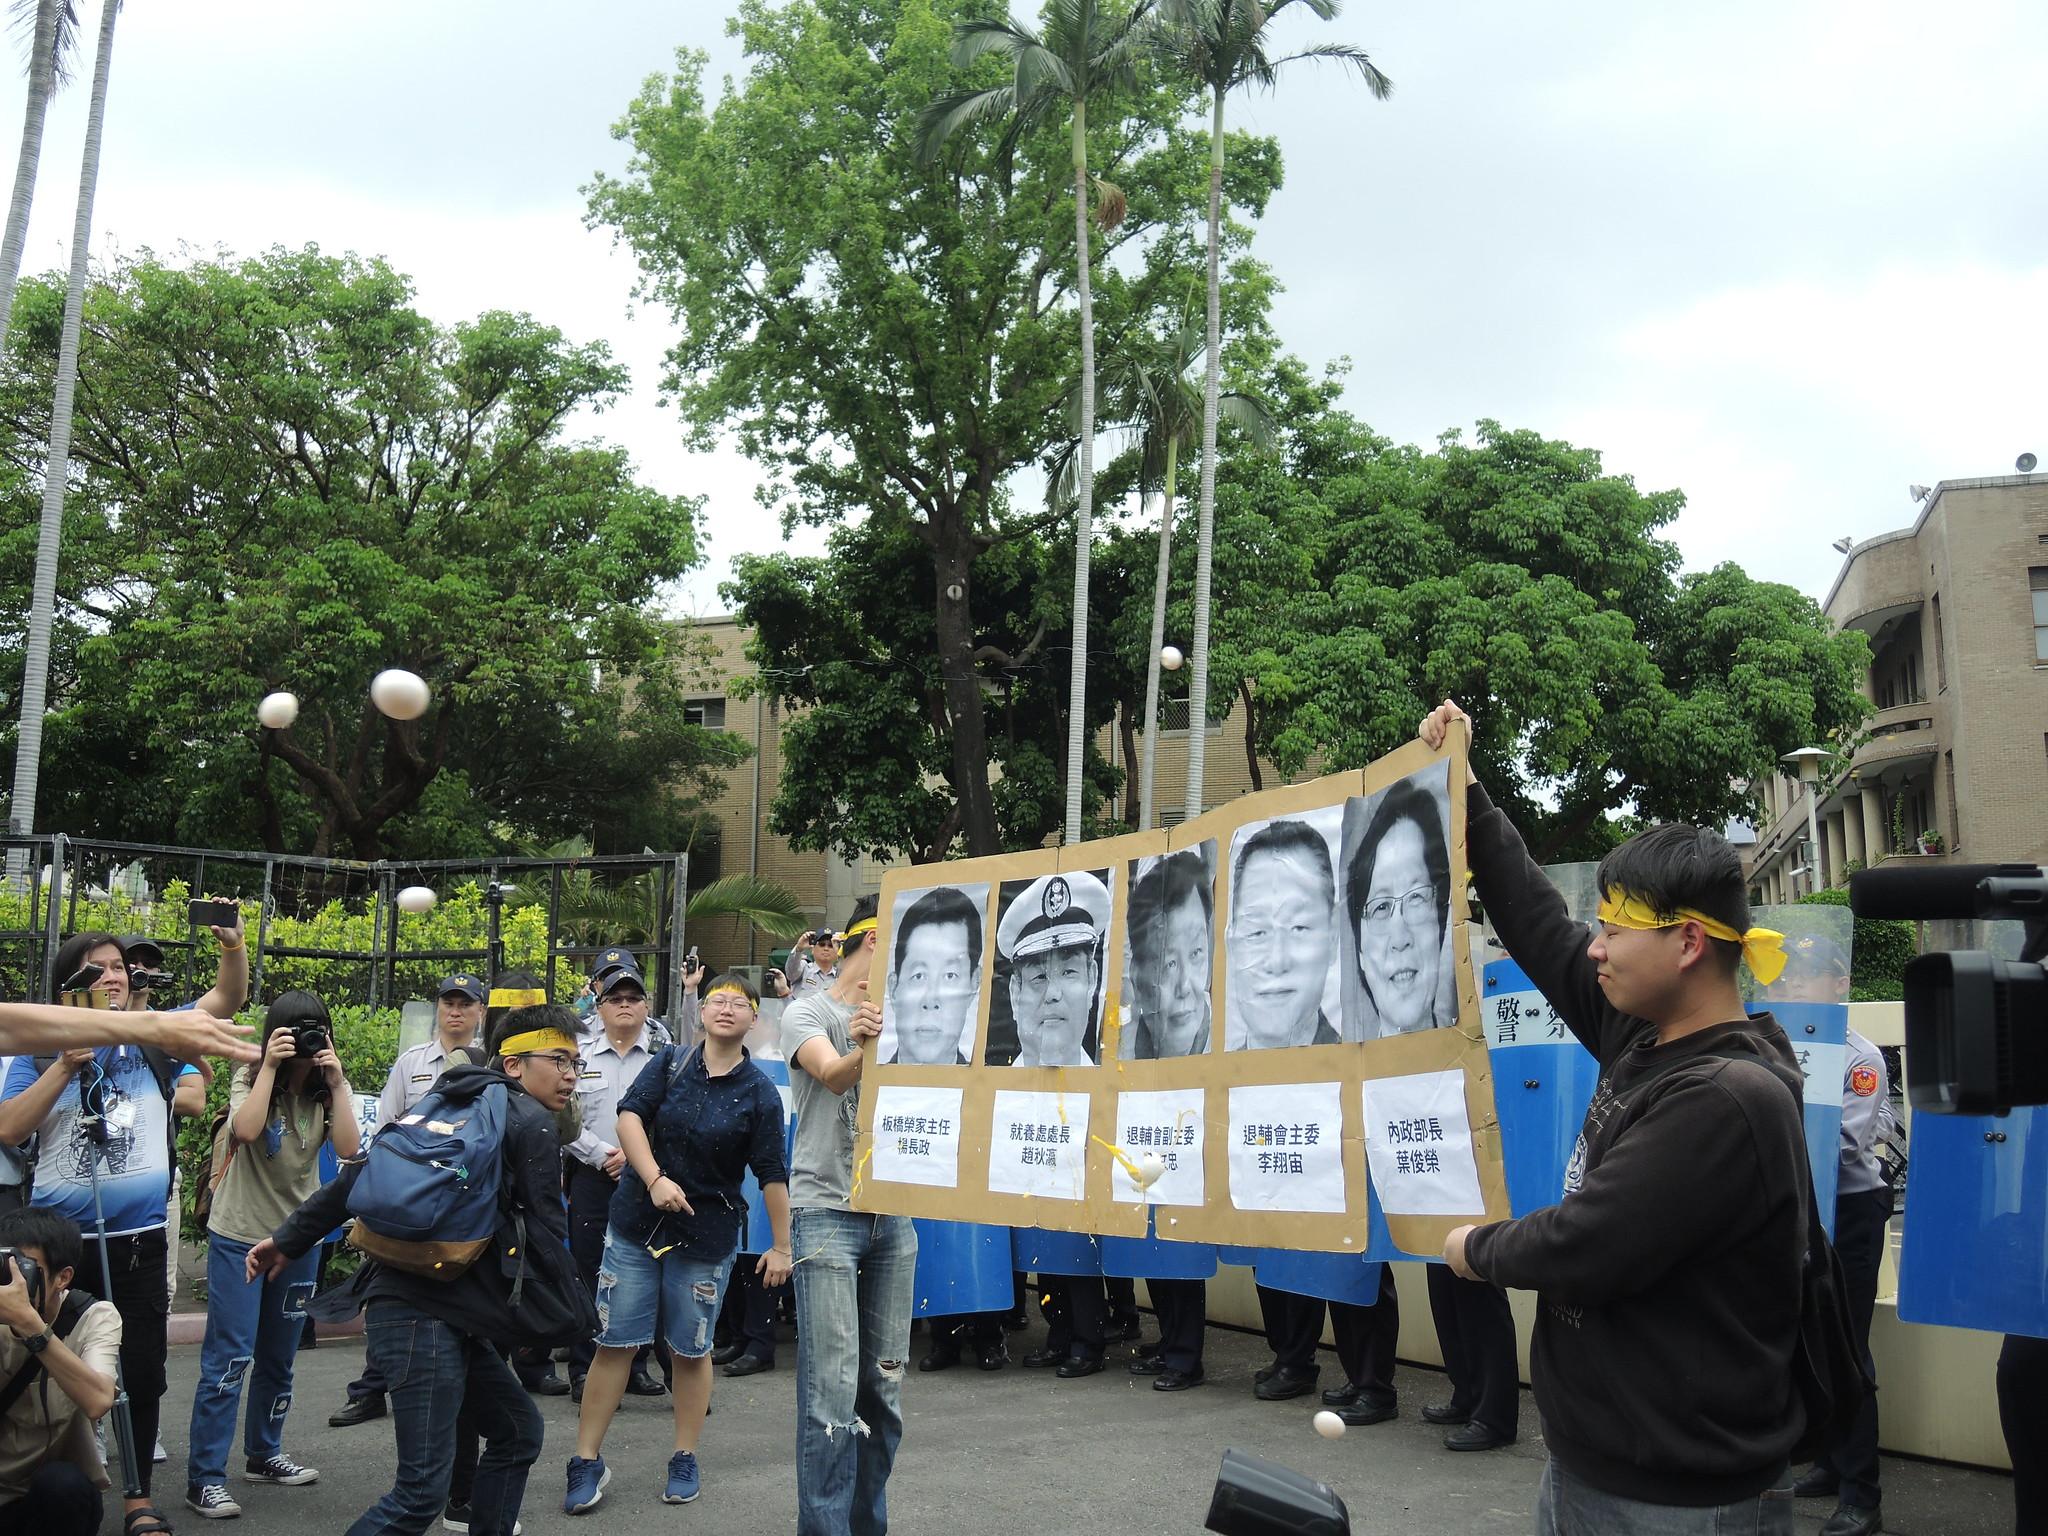 抗議民眾朝五名該負責的官員扔擲雞蛋。(攝影:曾福全)